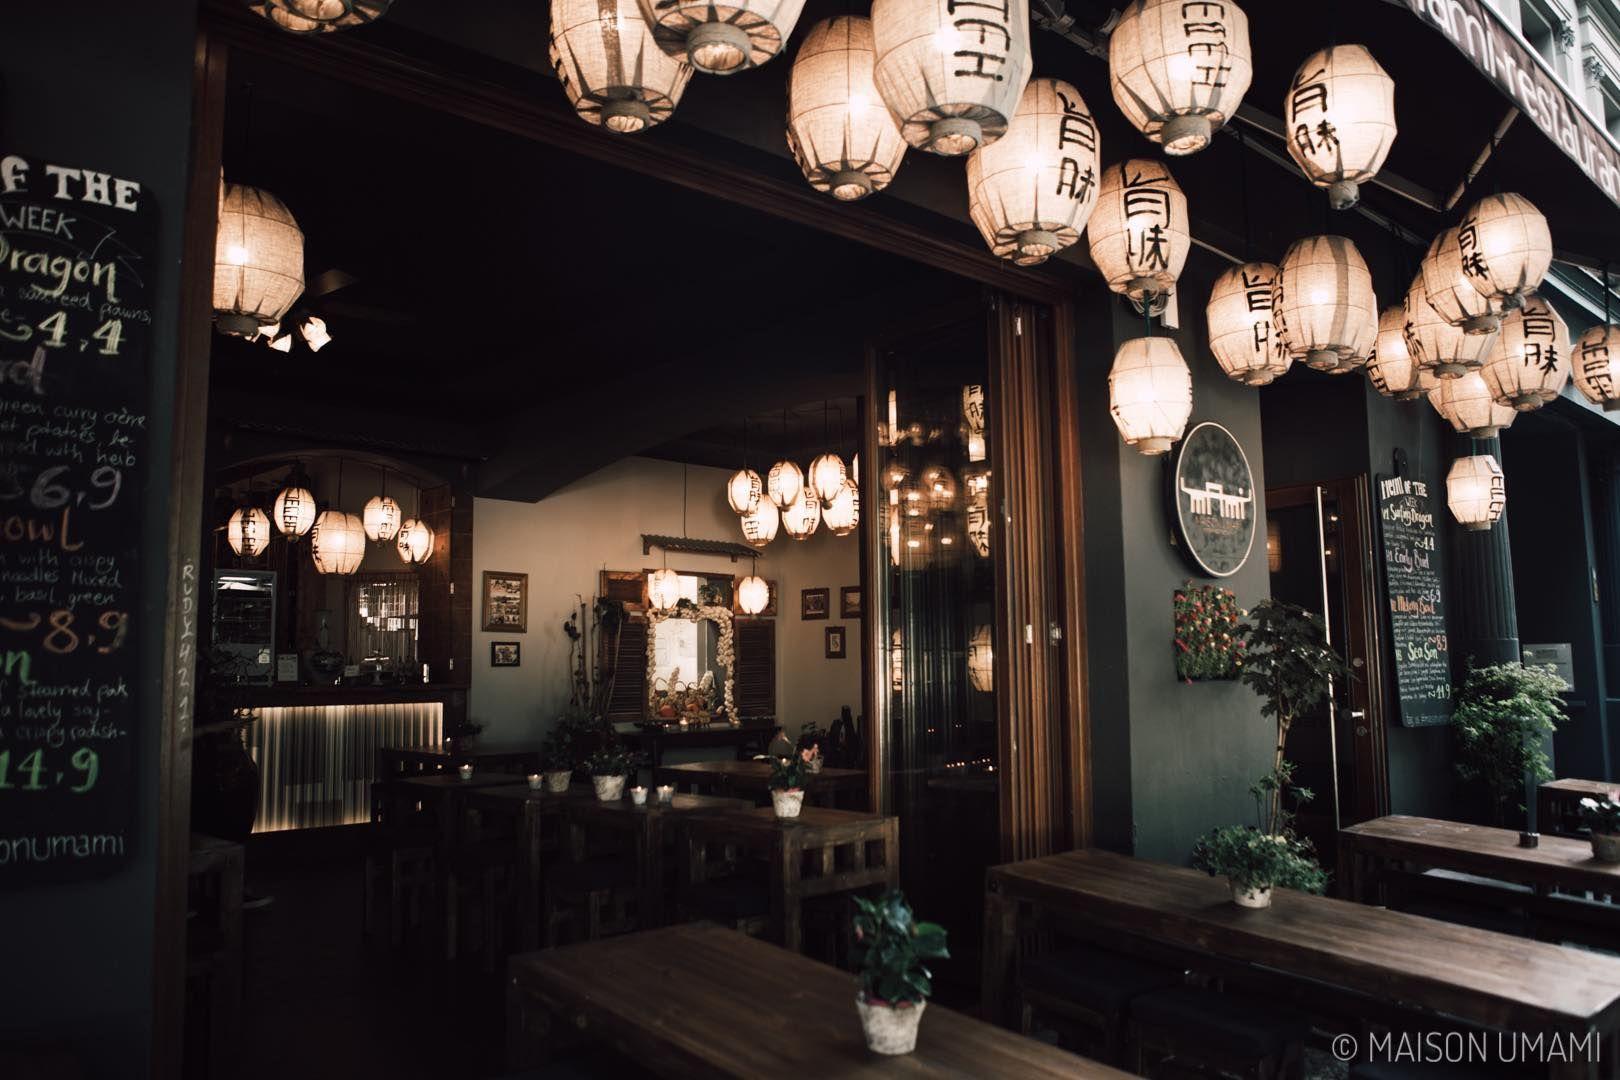 Maison Umami in Kreuzberg - tip berlin | Pisco, Restaurant ...